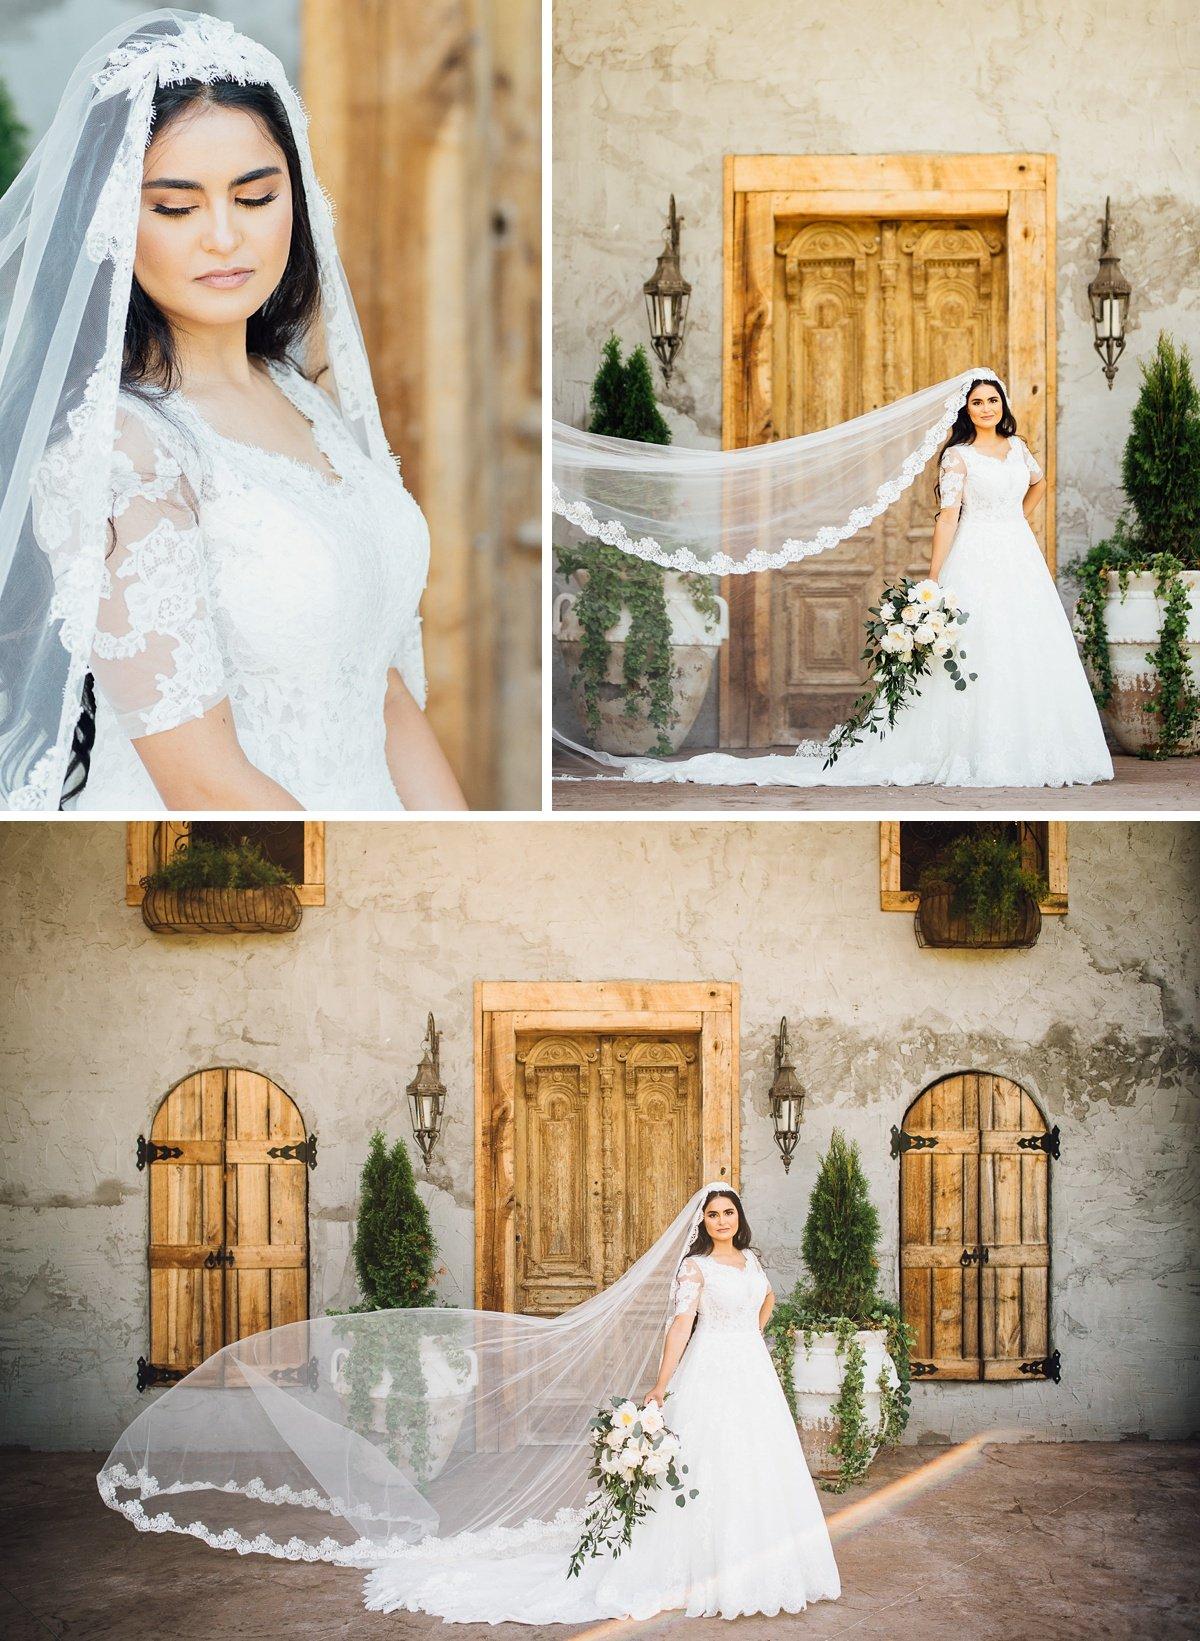 bridal-makeup-details-1 Cason's Cove Alvaton, KY | Nicole + Austin